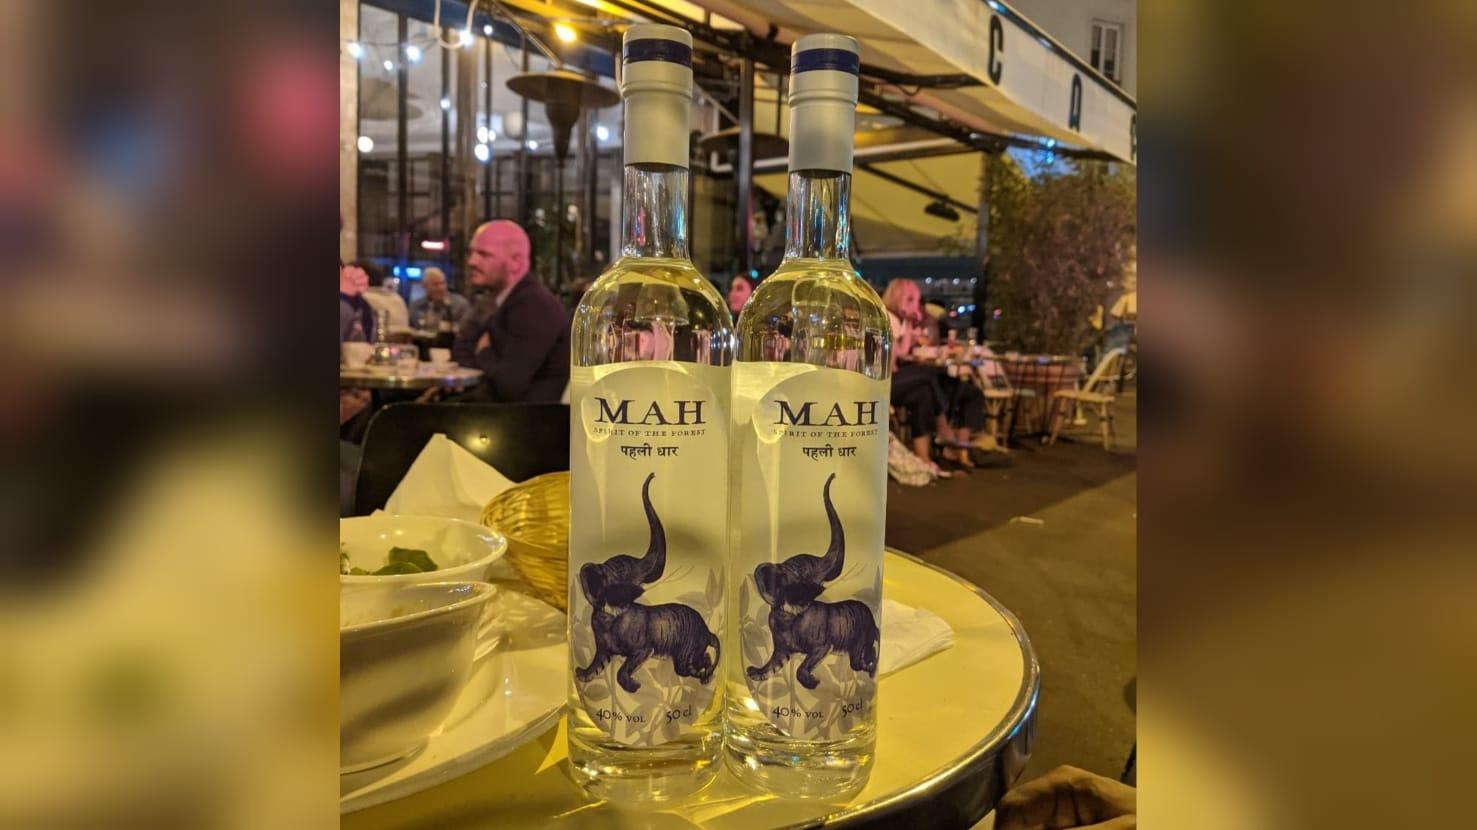 Mahua liquor